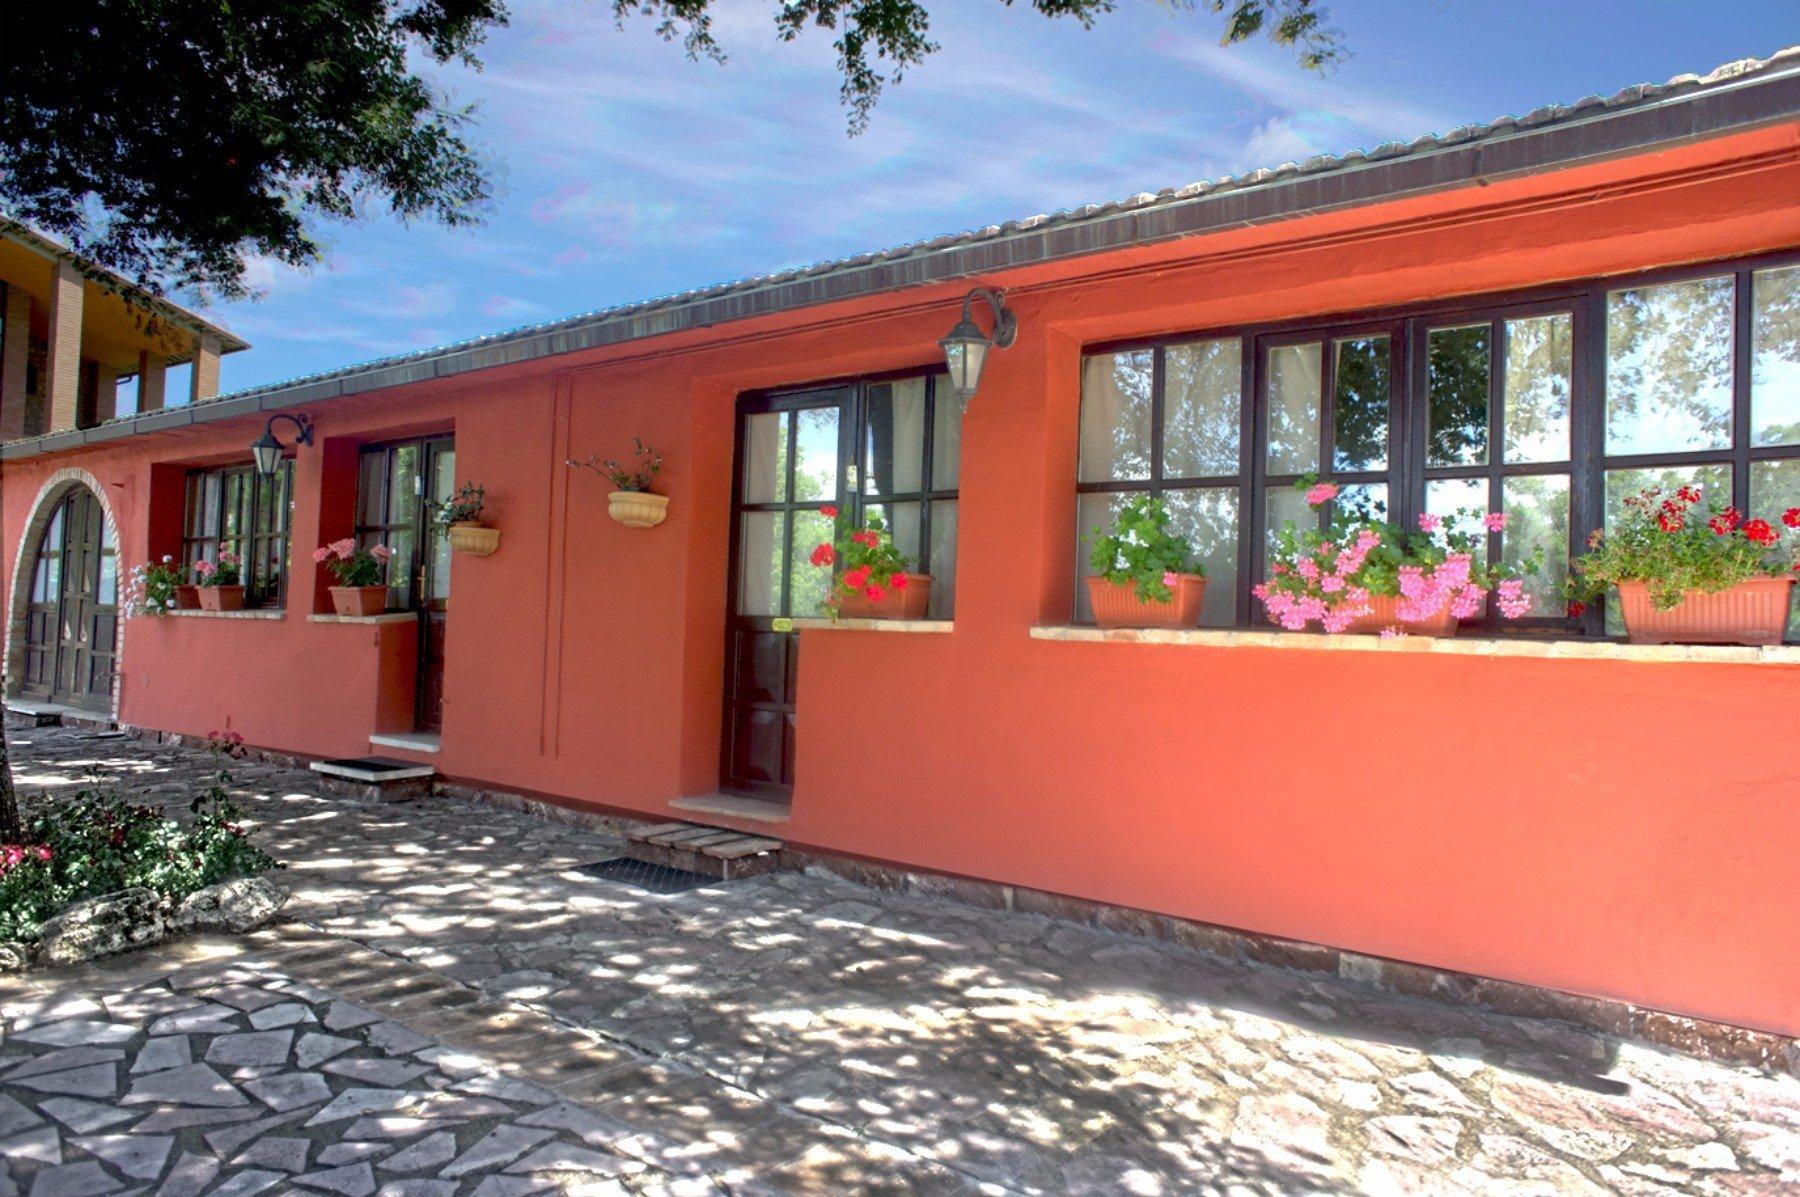 un edificio rosso con vasi di fiori alle finestre